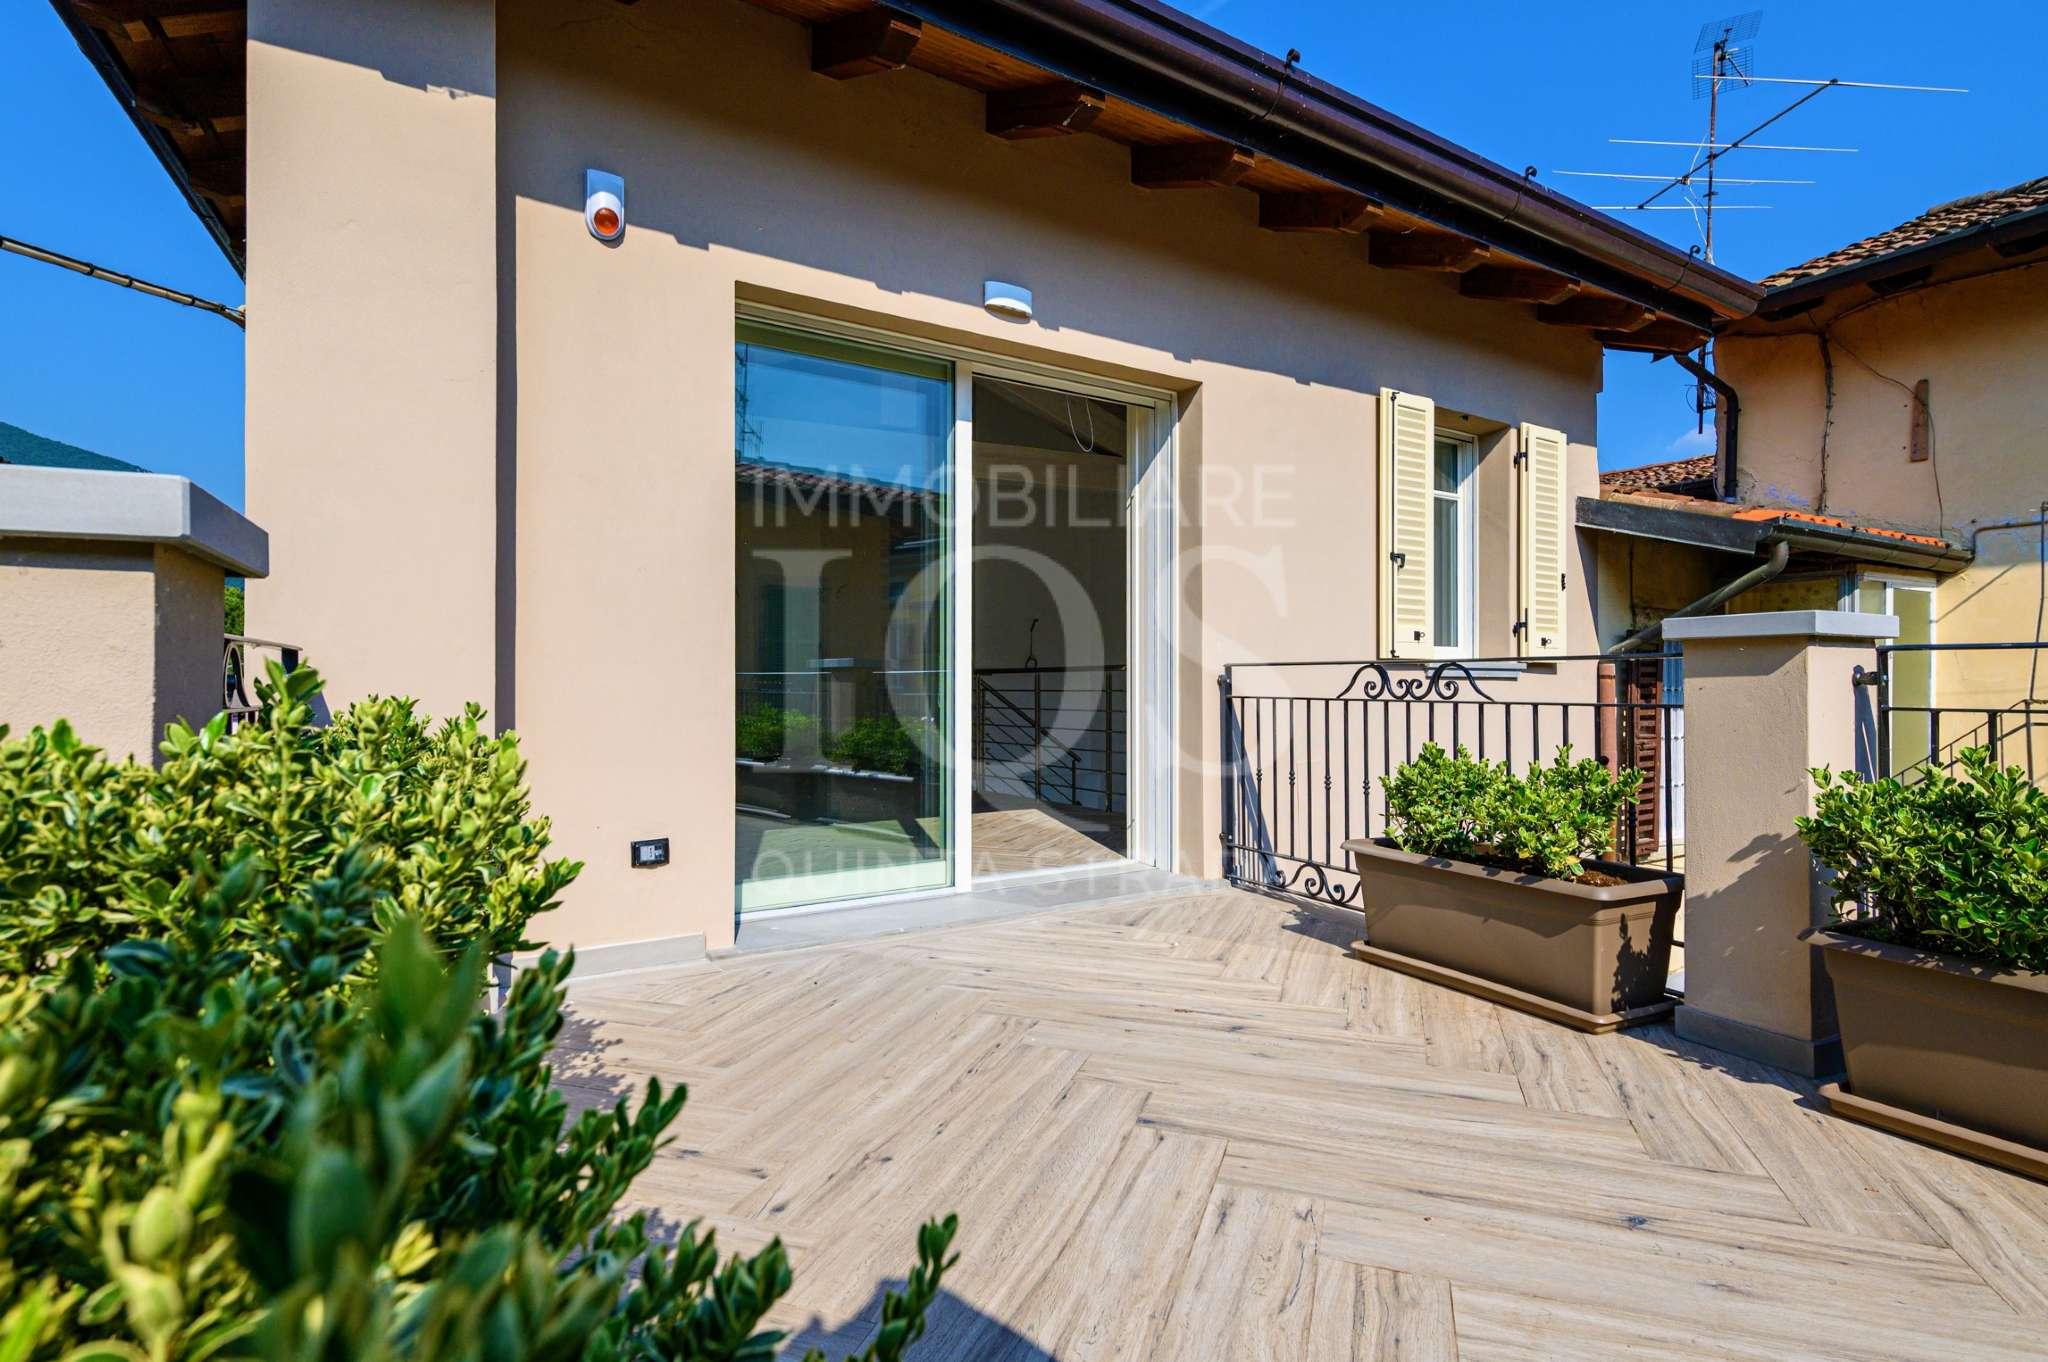 Attico / Mansarda in vendita a Sarnico, 4 locali, Trattative riservate | PortaleAgenzieImmobiliari.it